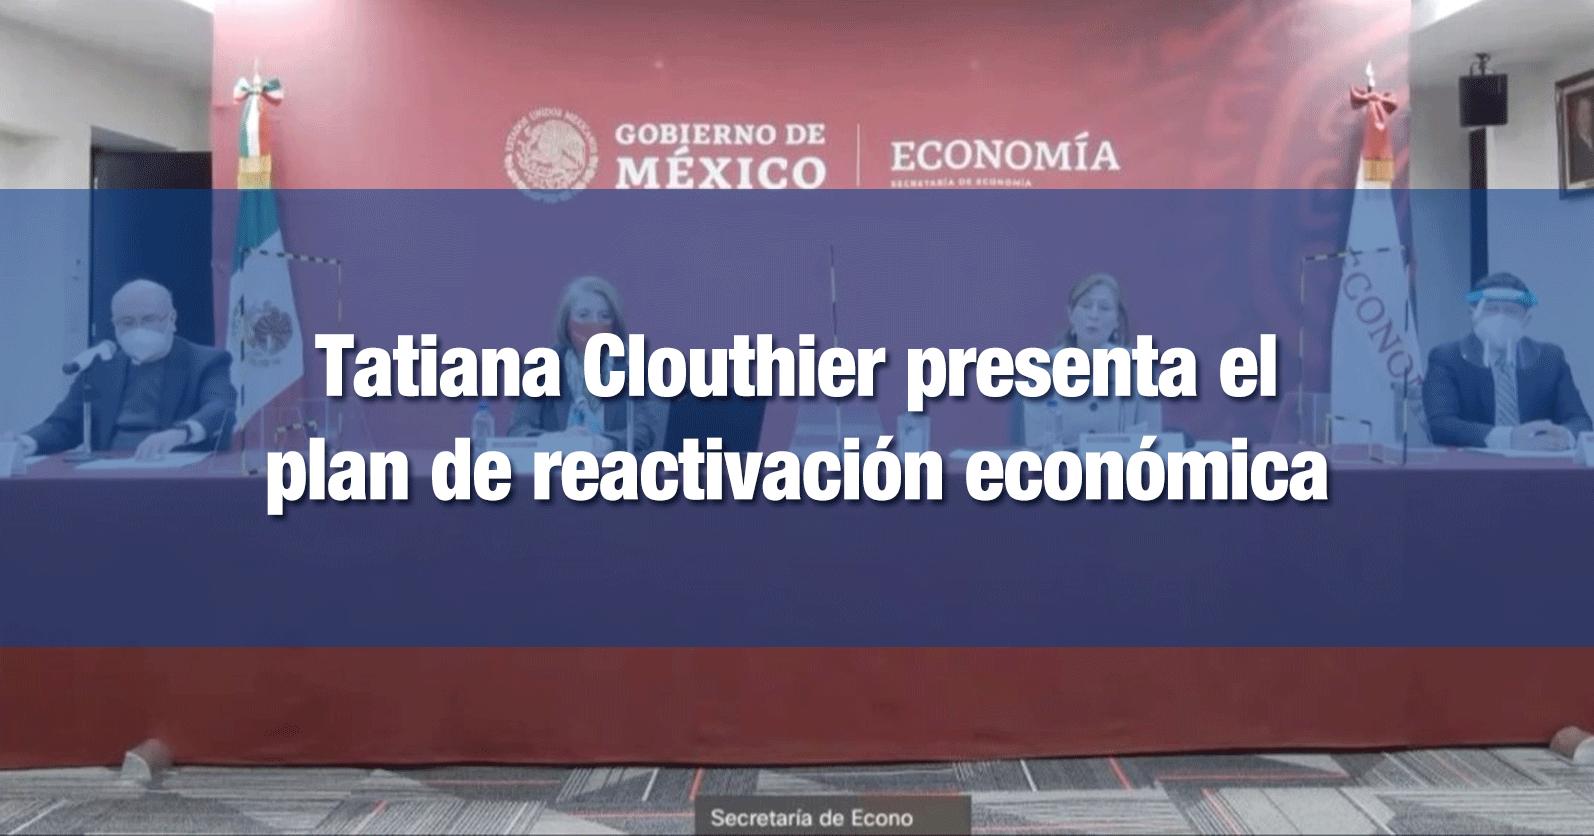 Tatiana Clouthier presenta el plan de reactivación económica